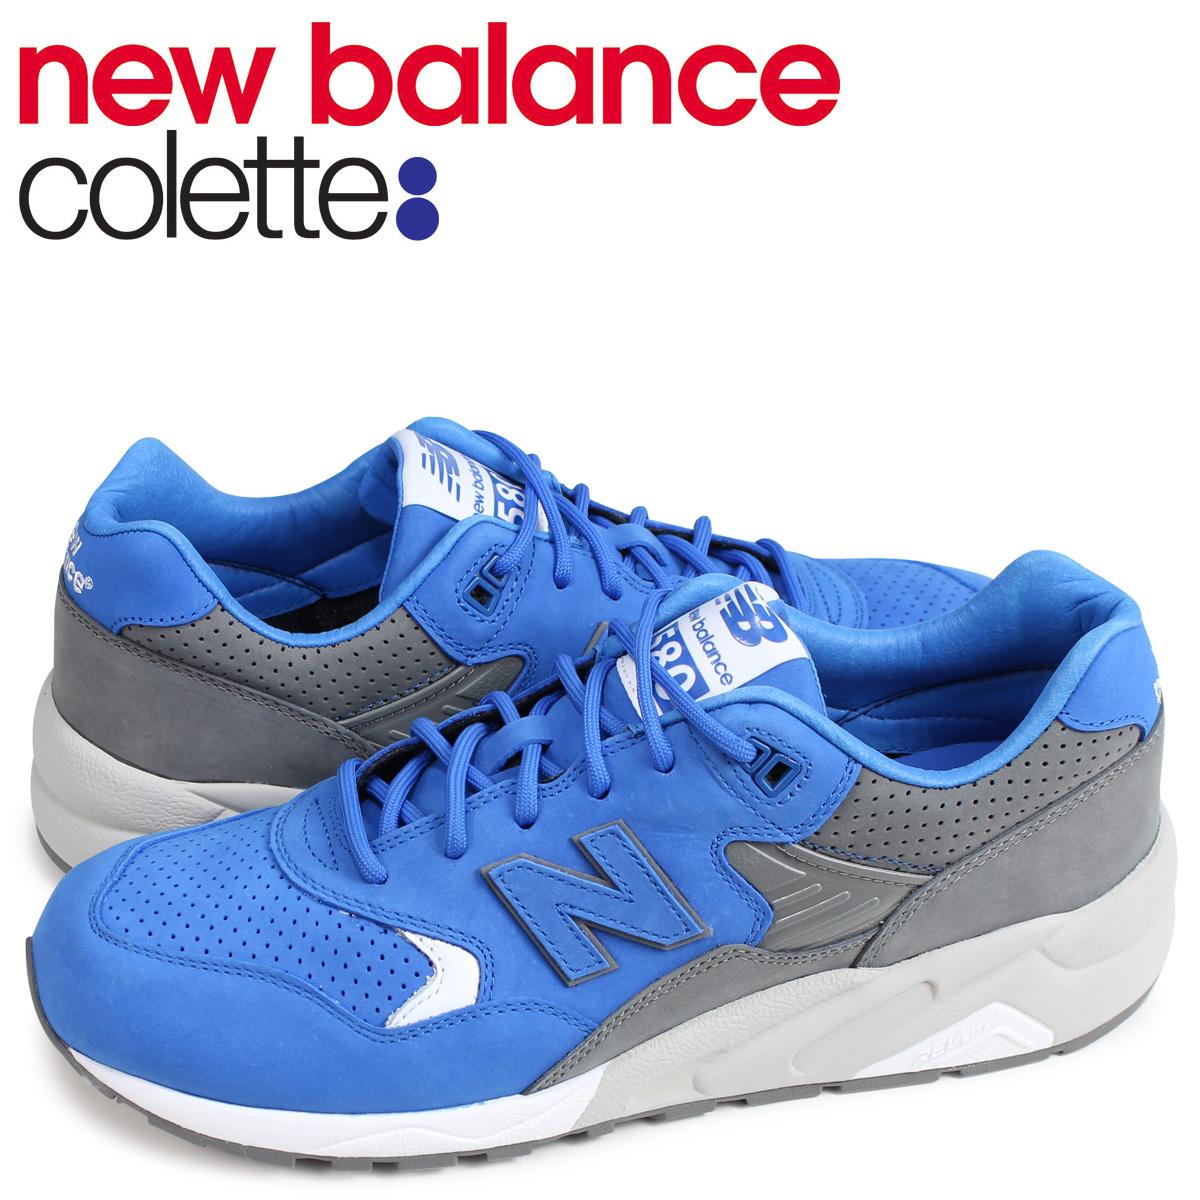 ニューバランス new balance MRT580 スニーカー Dワイズ メンズ コレット COLETTE コラボ ブルー MRT580C6